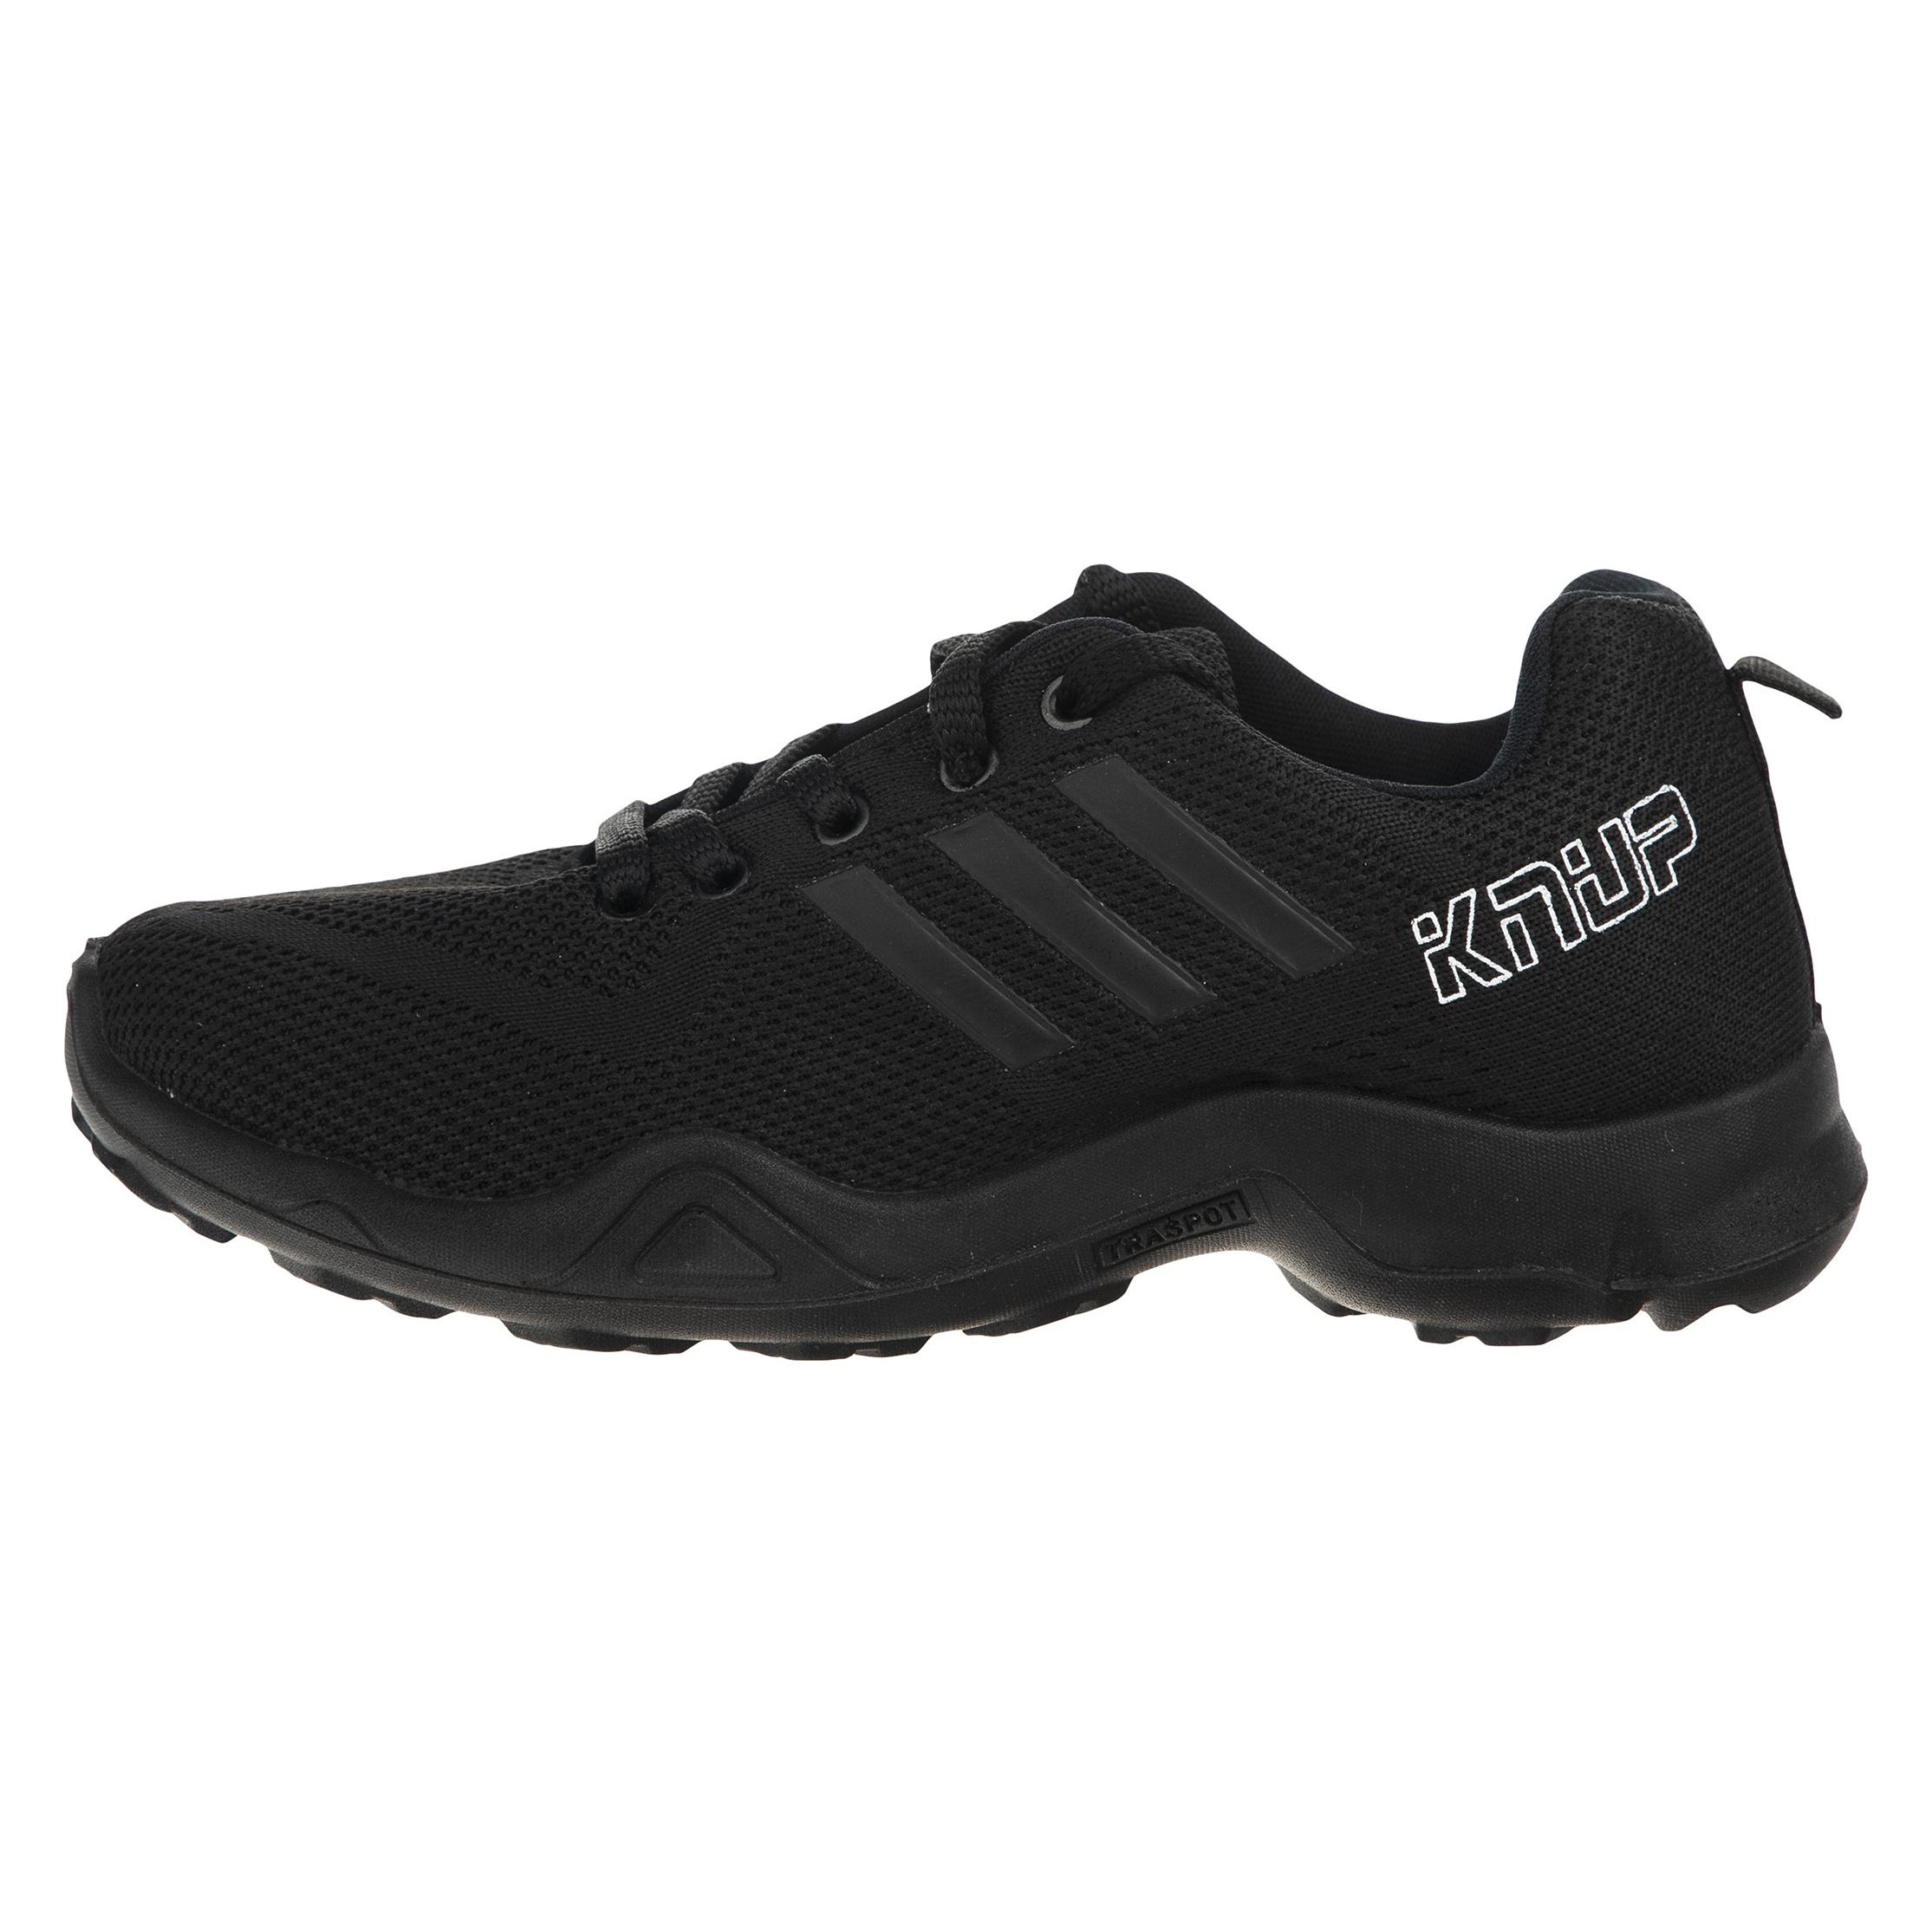 کفش مخصوص پیاده روی زنانه کد vw01